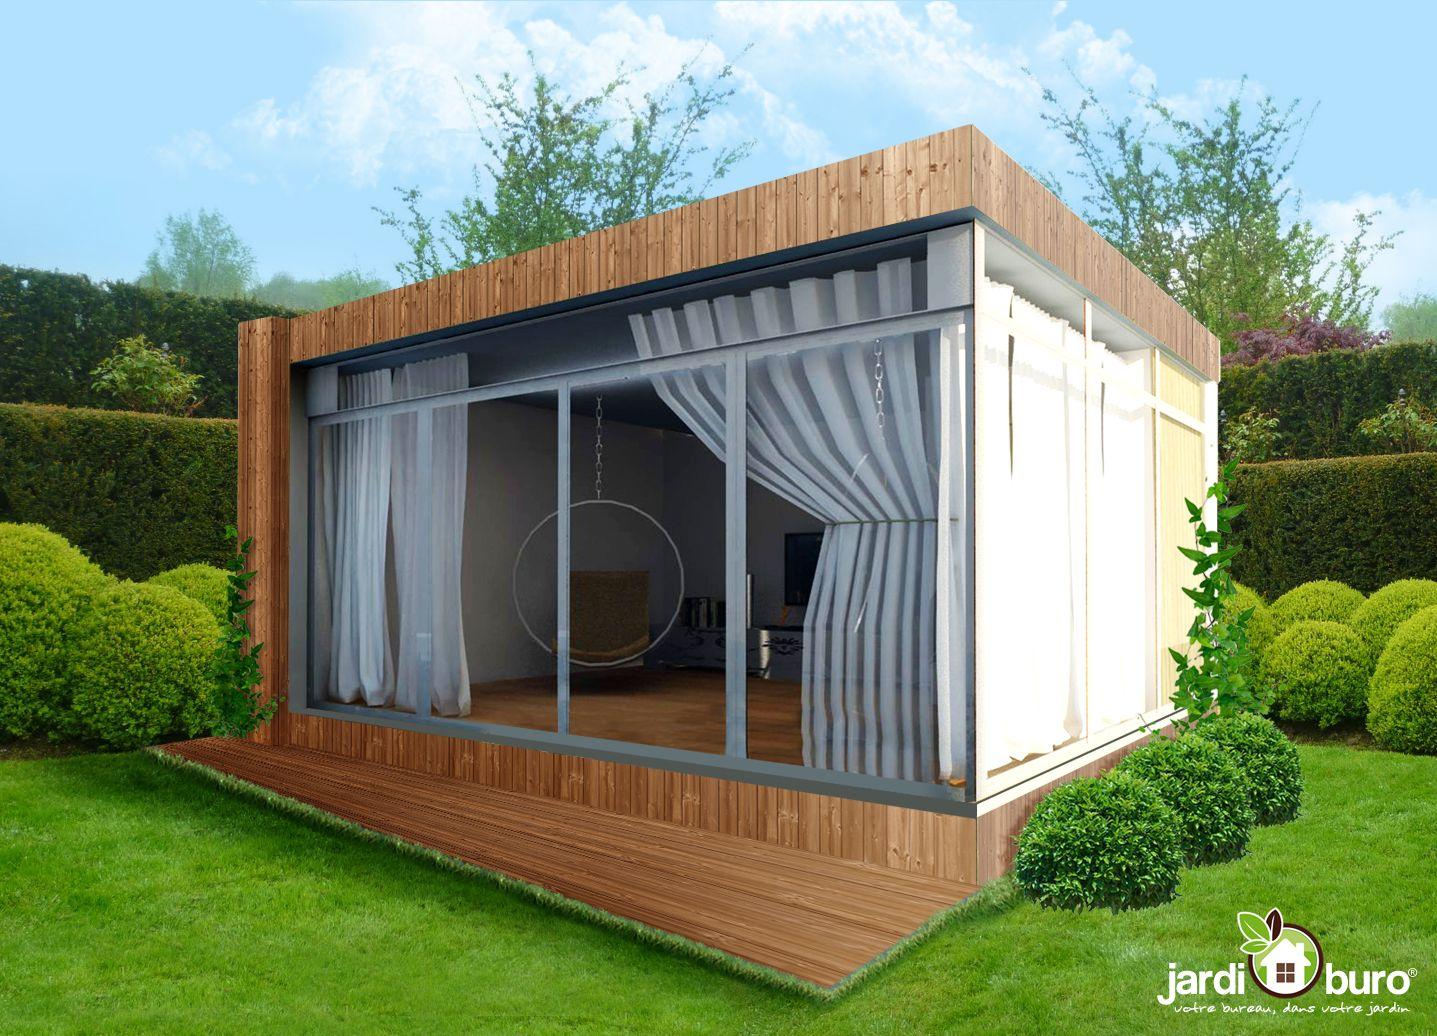 Un bureau pour le jardin. jardiburo favorite pinterest